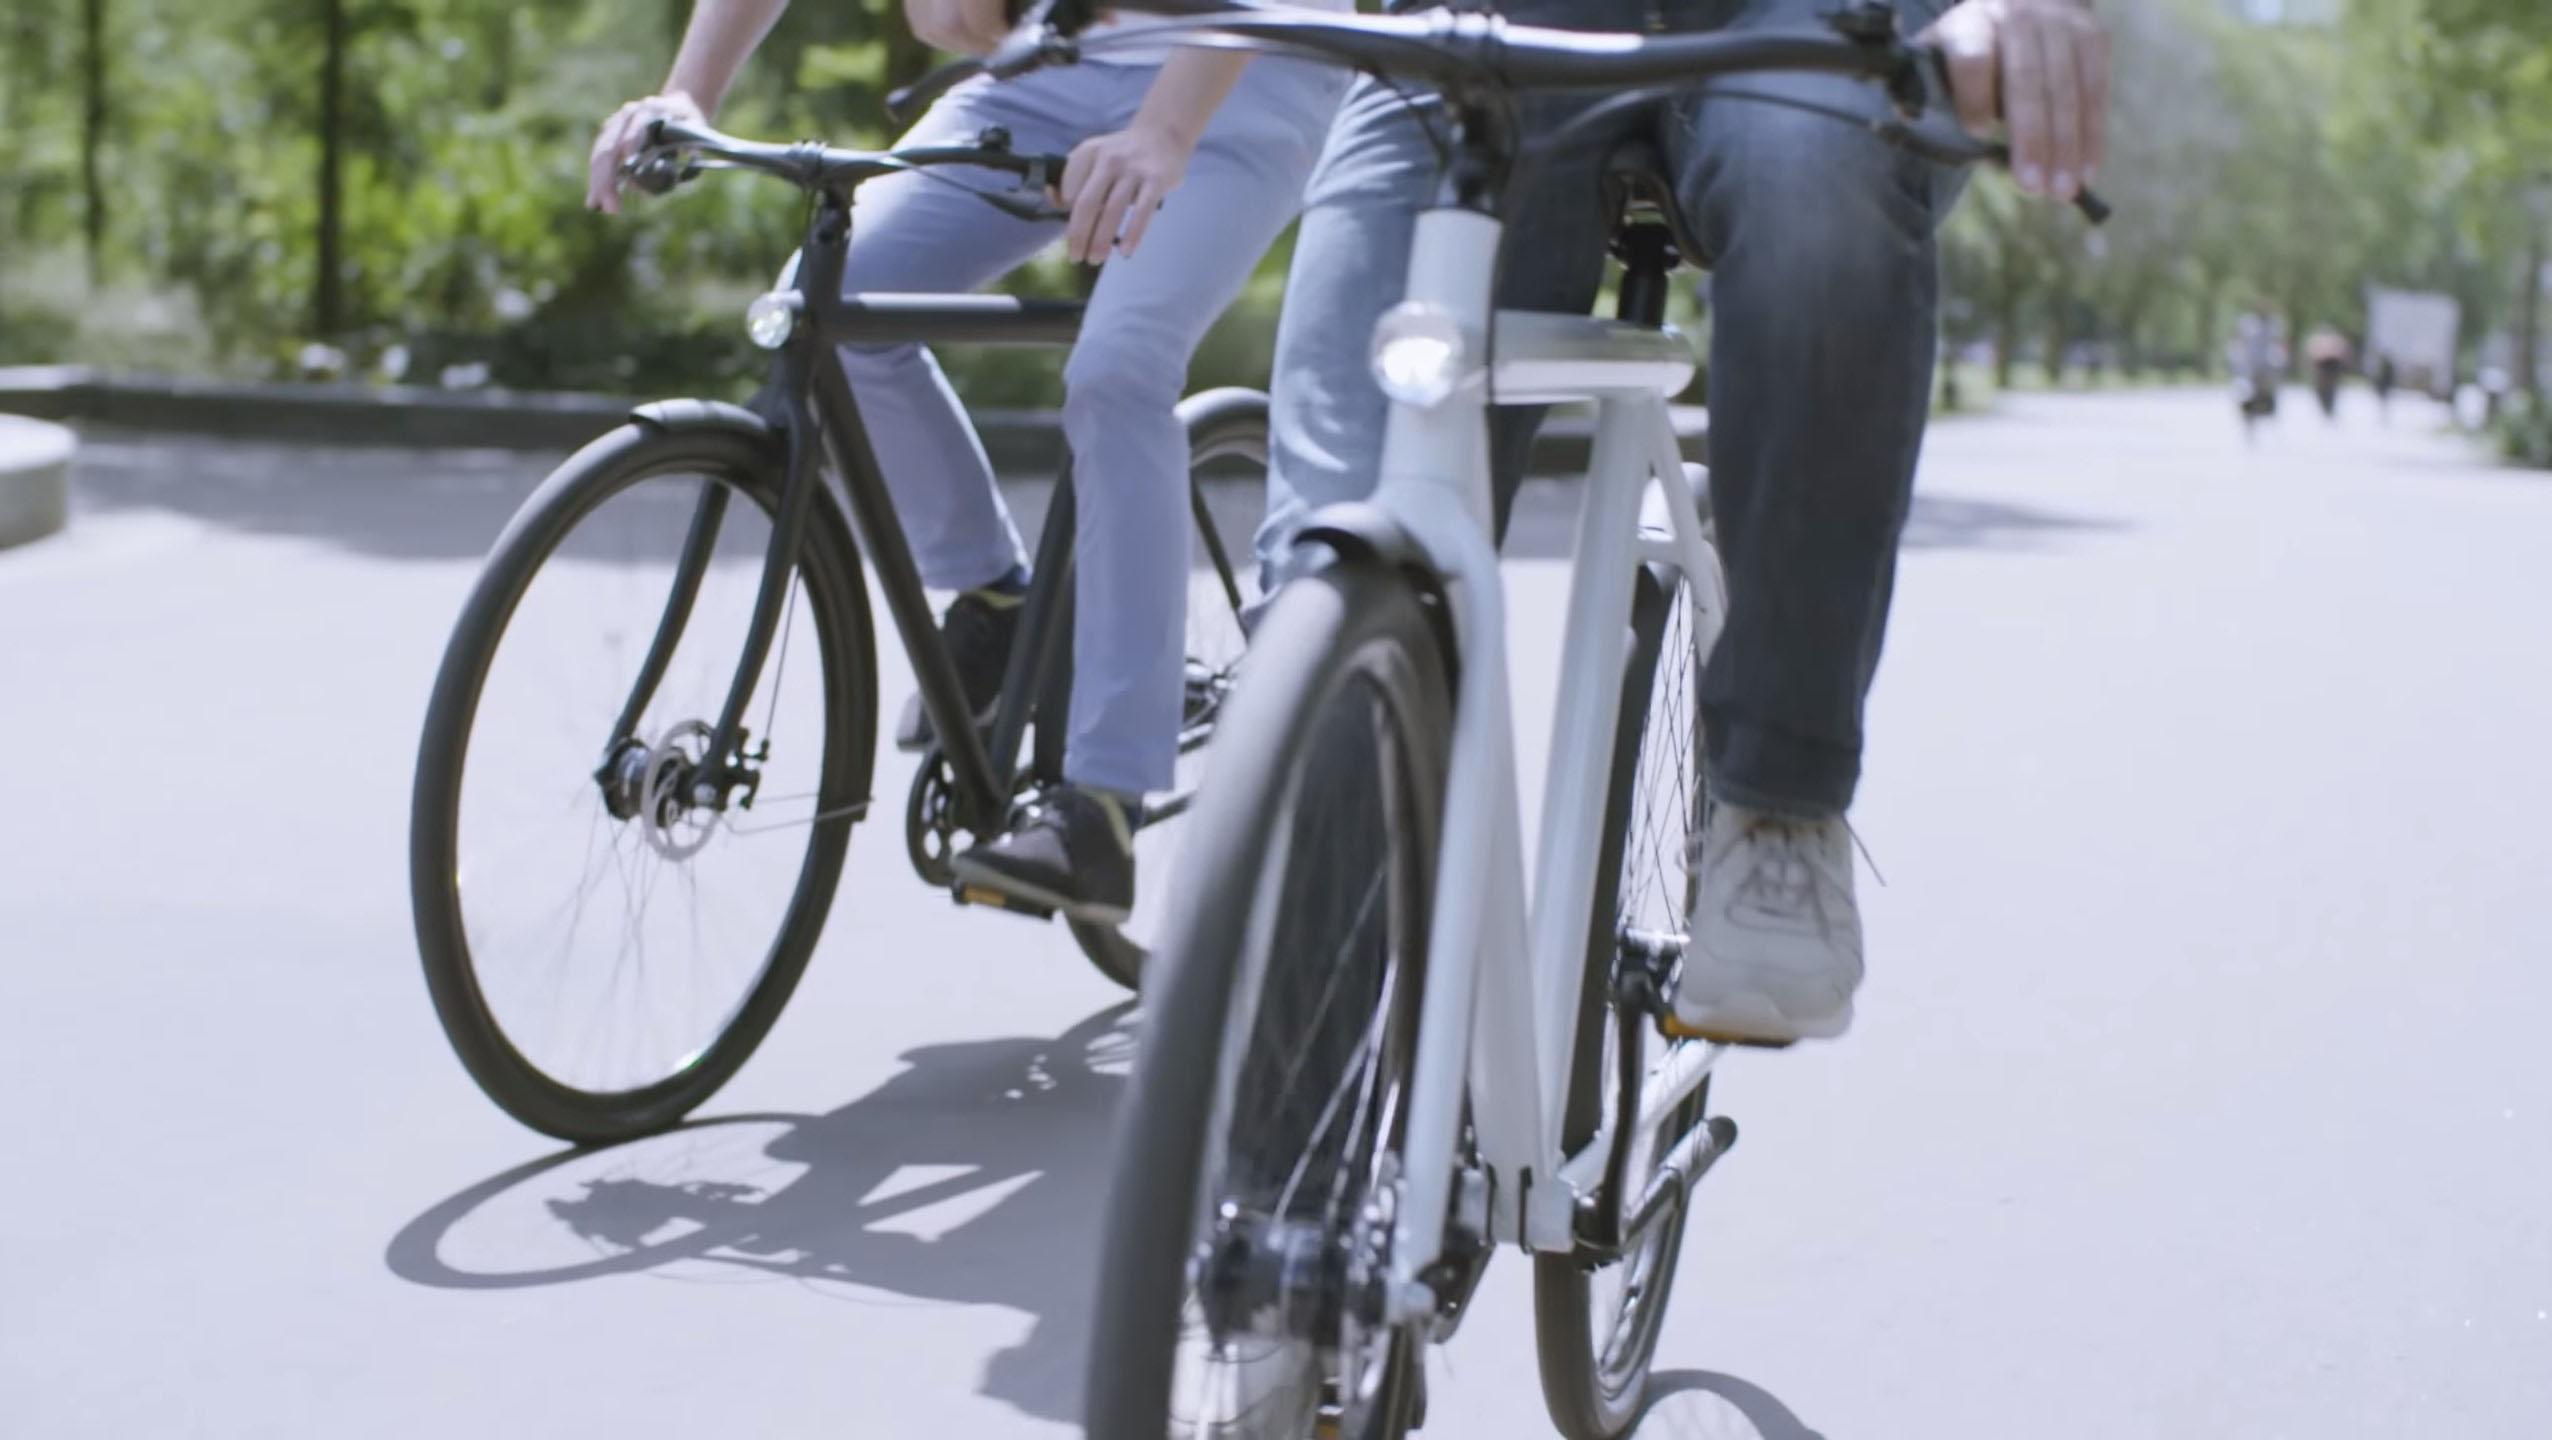 comparaison de poids de vélo de montagne